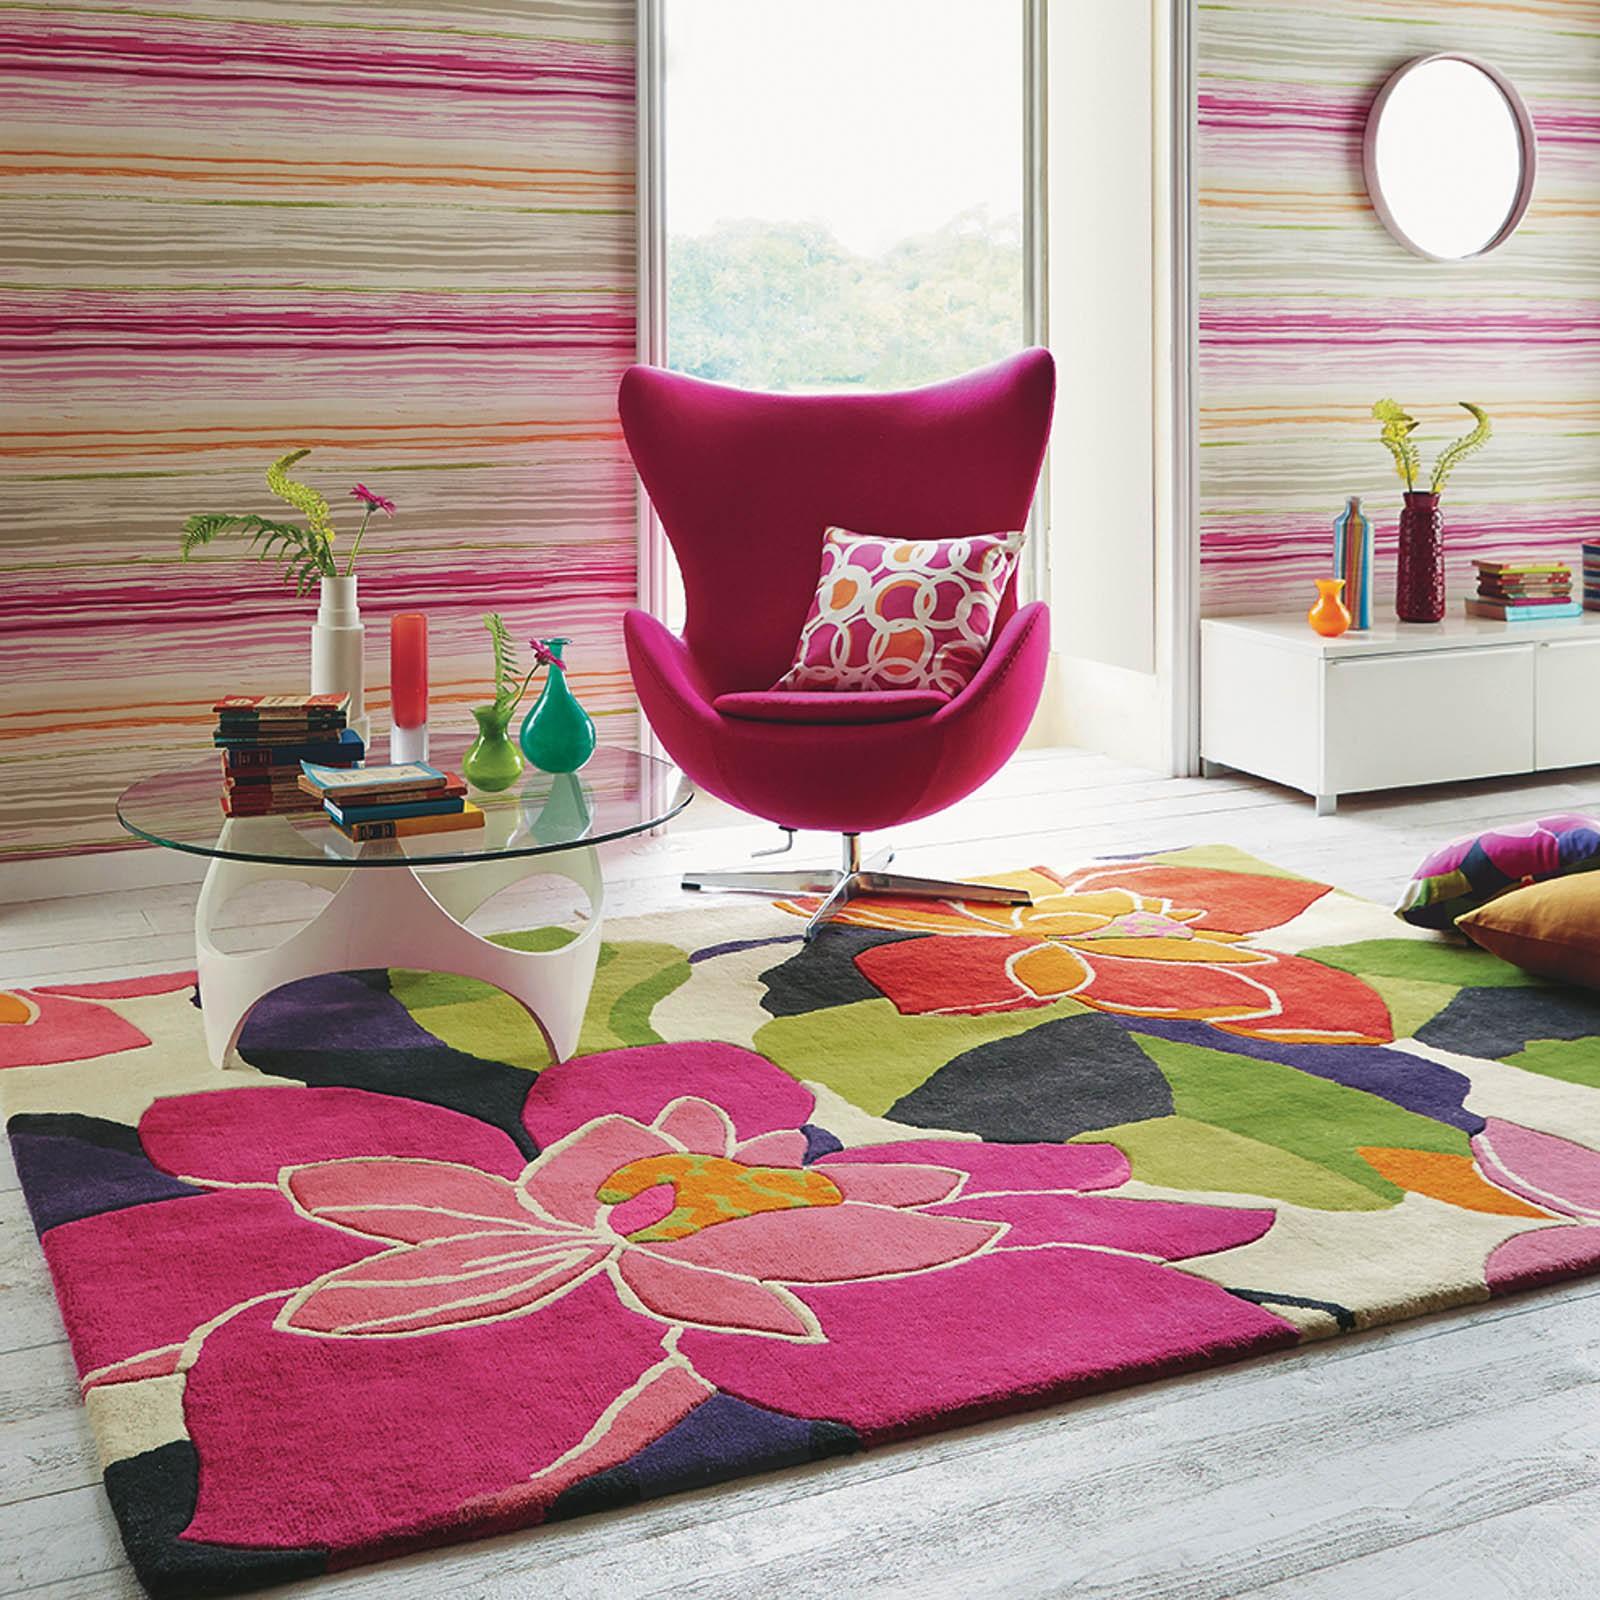 Gợi ý 14 mẫu thảm trải sàn rực rỡ giúp căn phòng biến thành cầu vồng đẹp mắt - Ảnh 27.